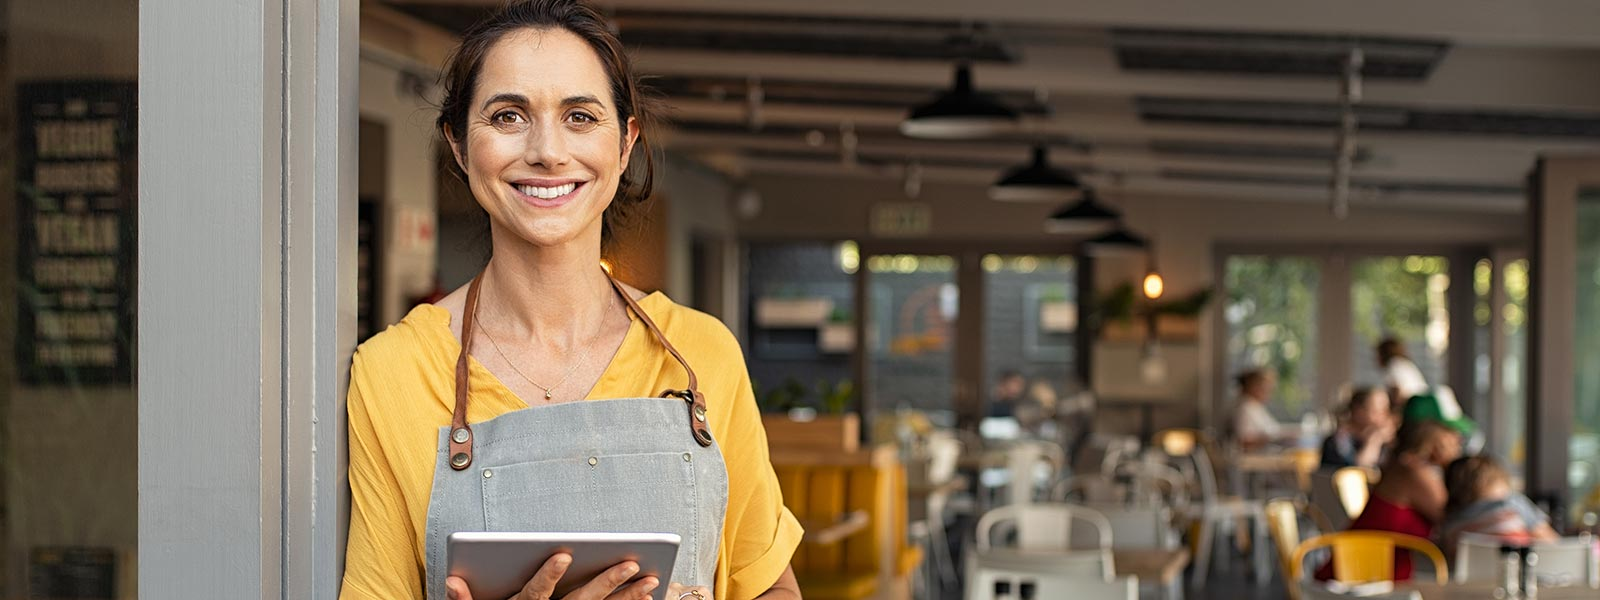 Bedienung in einem Café mit Tablet in der Hand, im Hintergrund Gäste